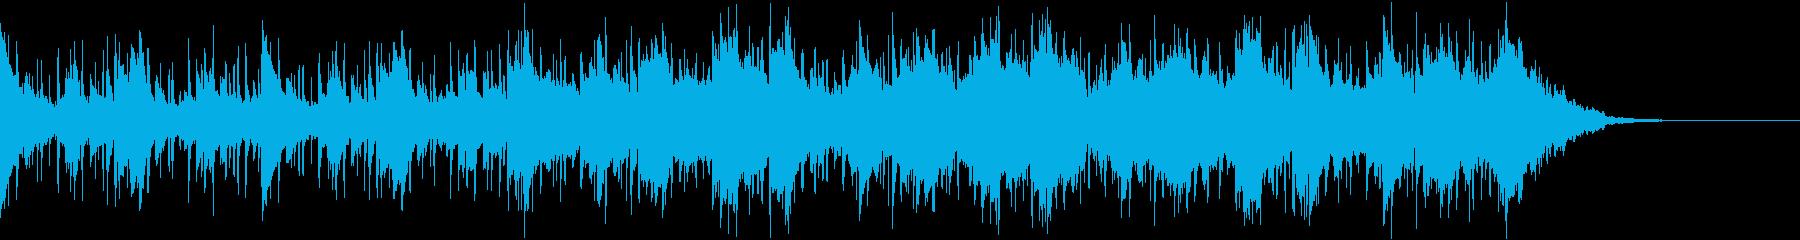 Pf「登壇」和風現代ジャズの再生済みの波形